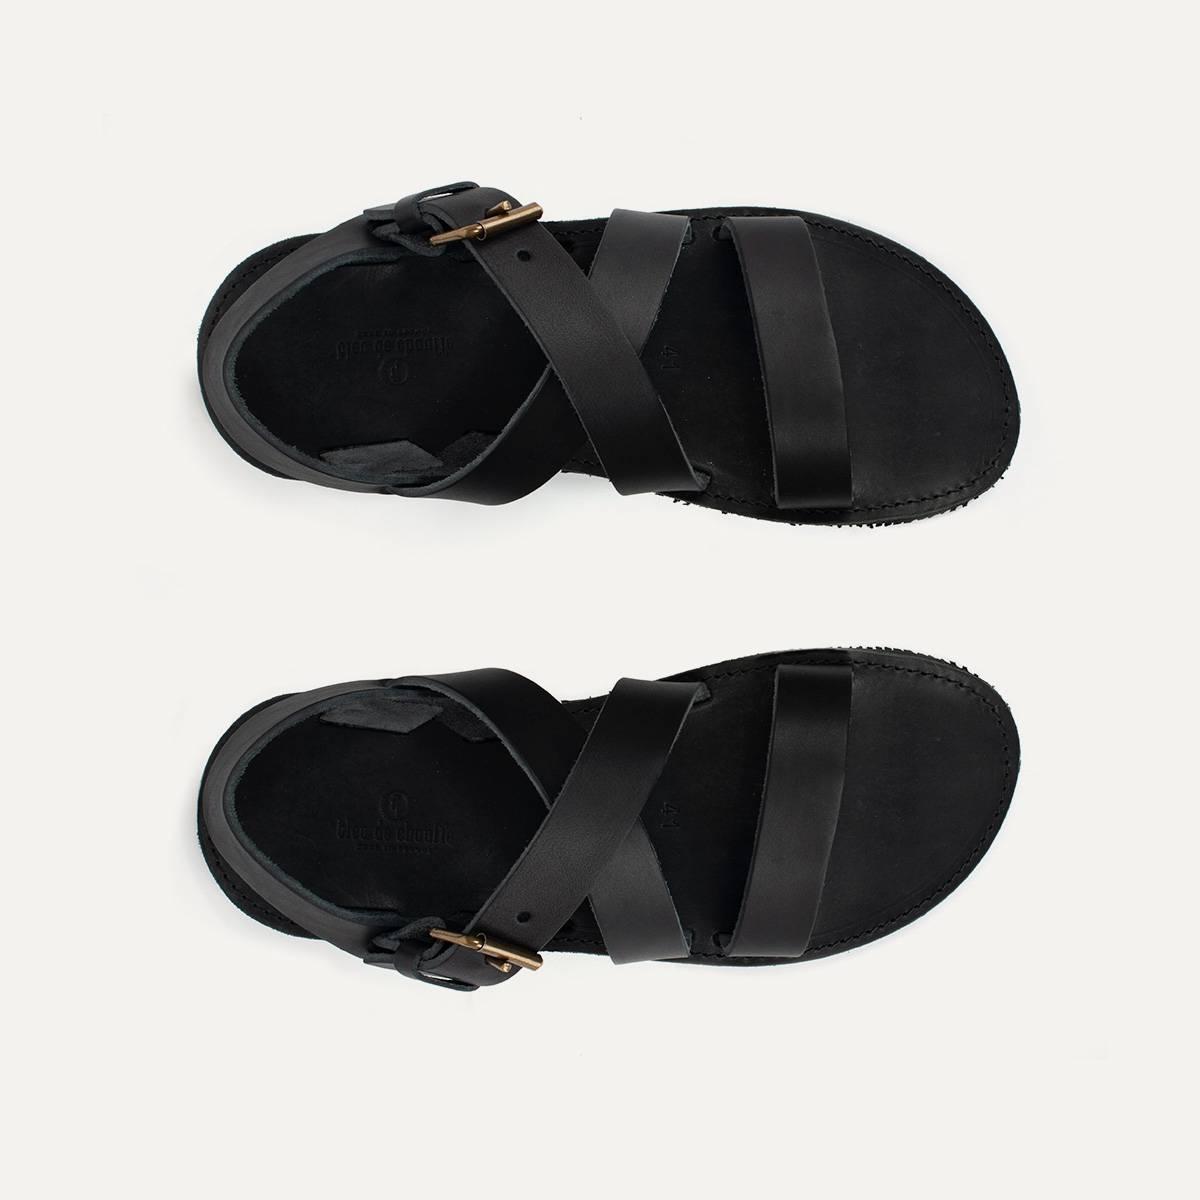 Iwate leather sandals - Black (image n°2)